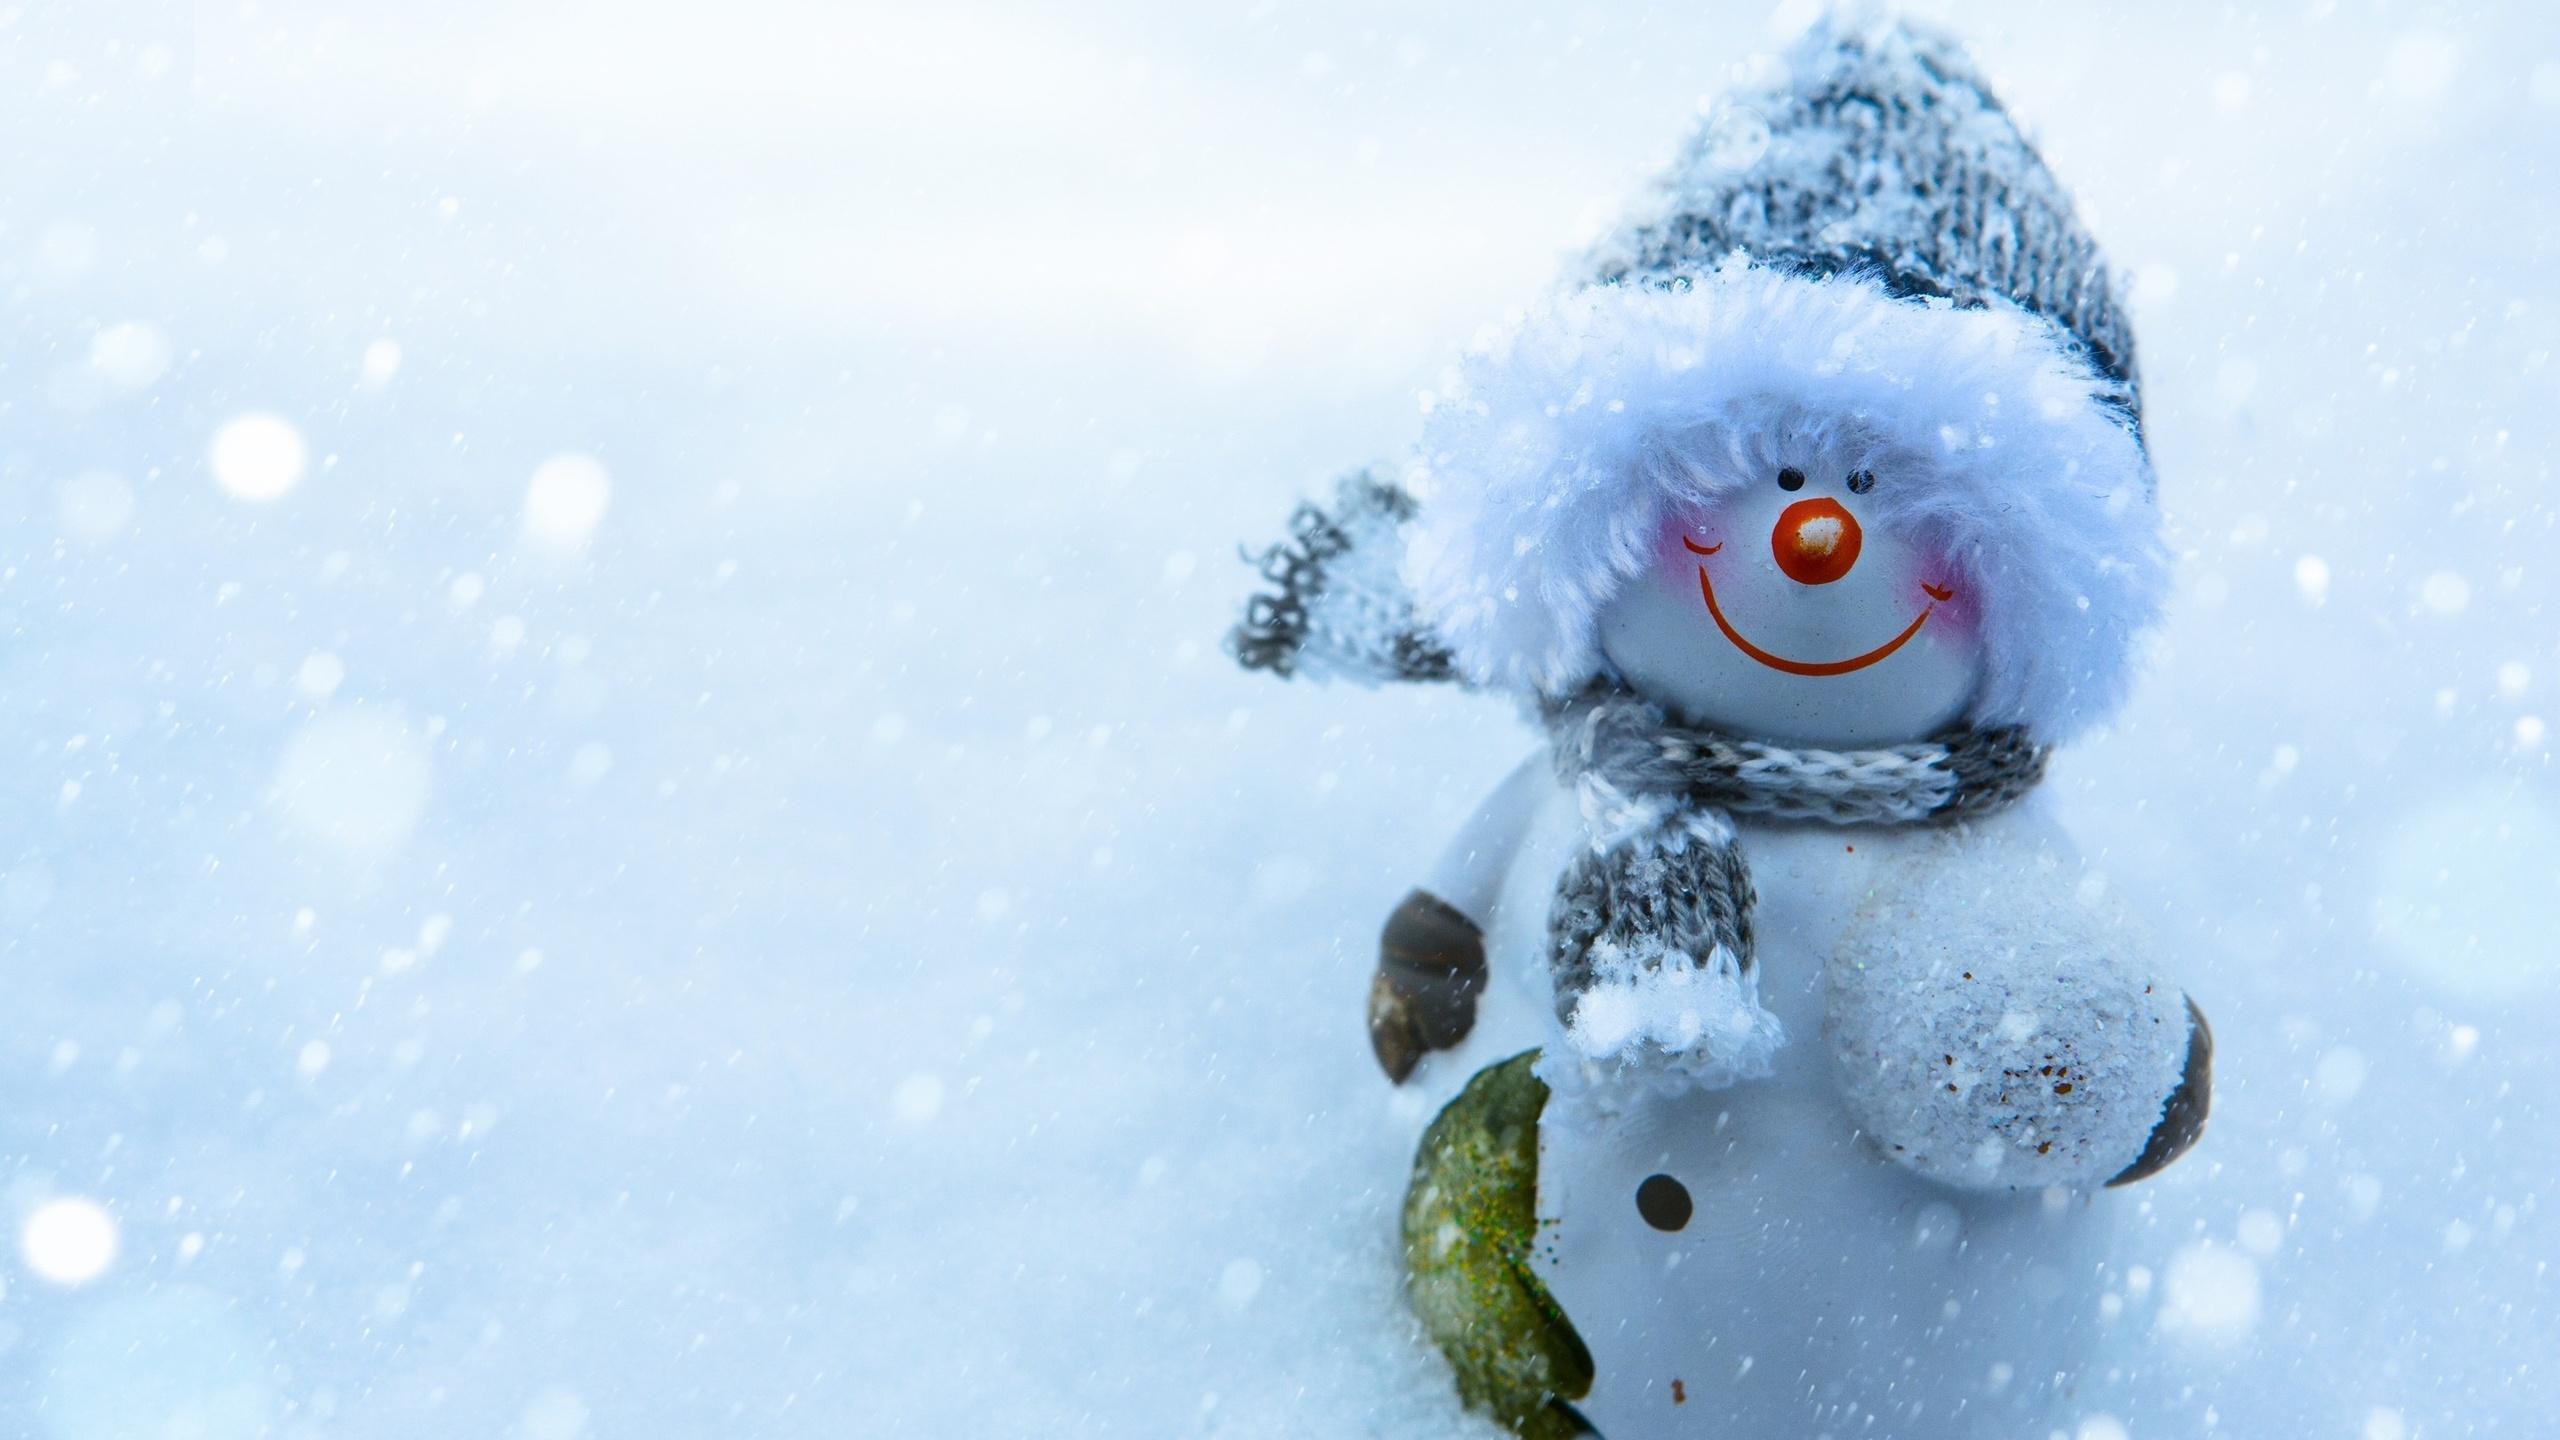 жизнь прекрасна прикольные картинки зимние